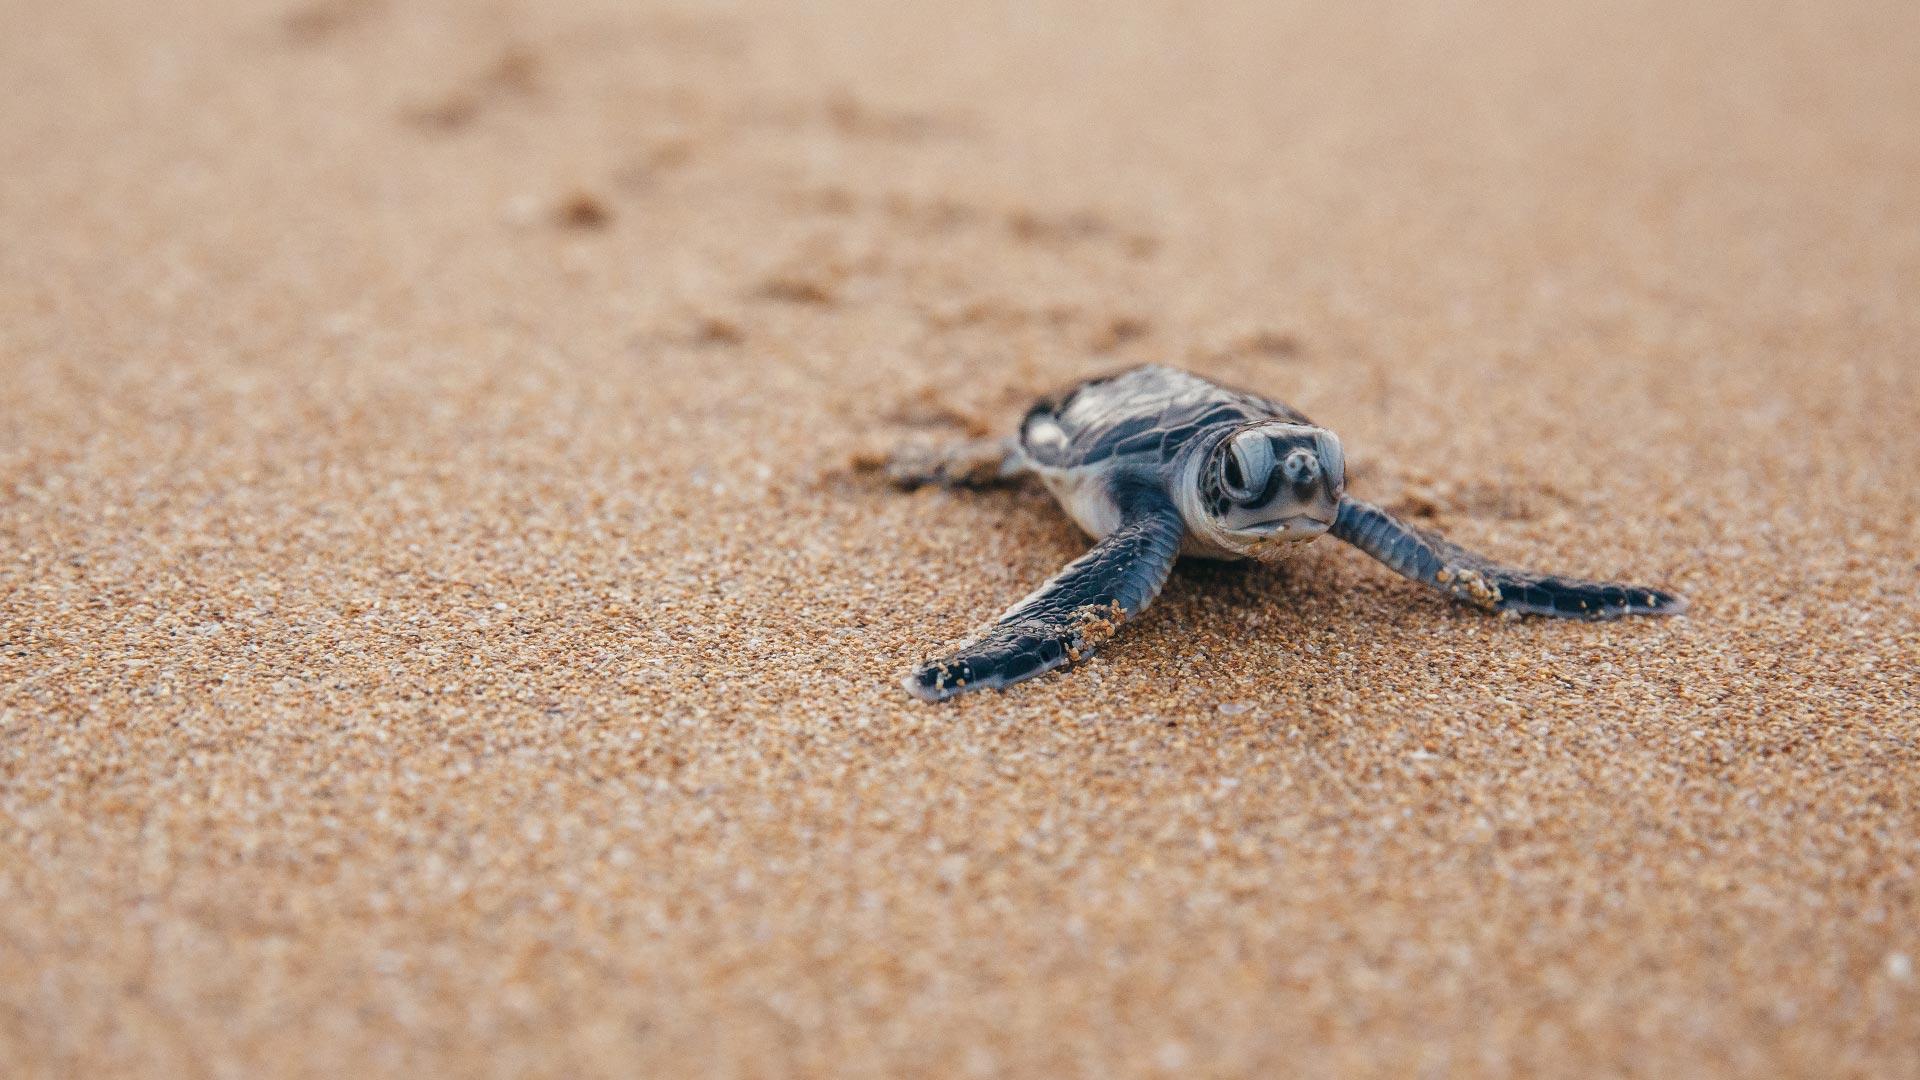 Wie verbringen Meeresschildkröten (Cheloniidae) ihre Kindheit? Das ist noch nicht erforscht.